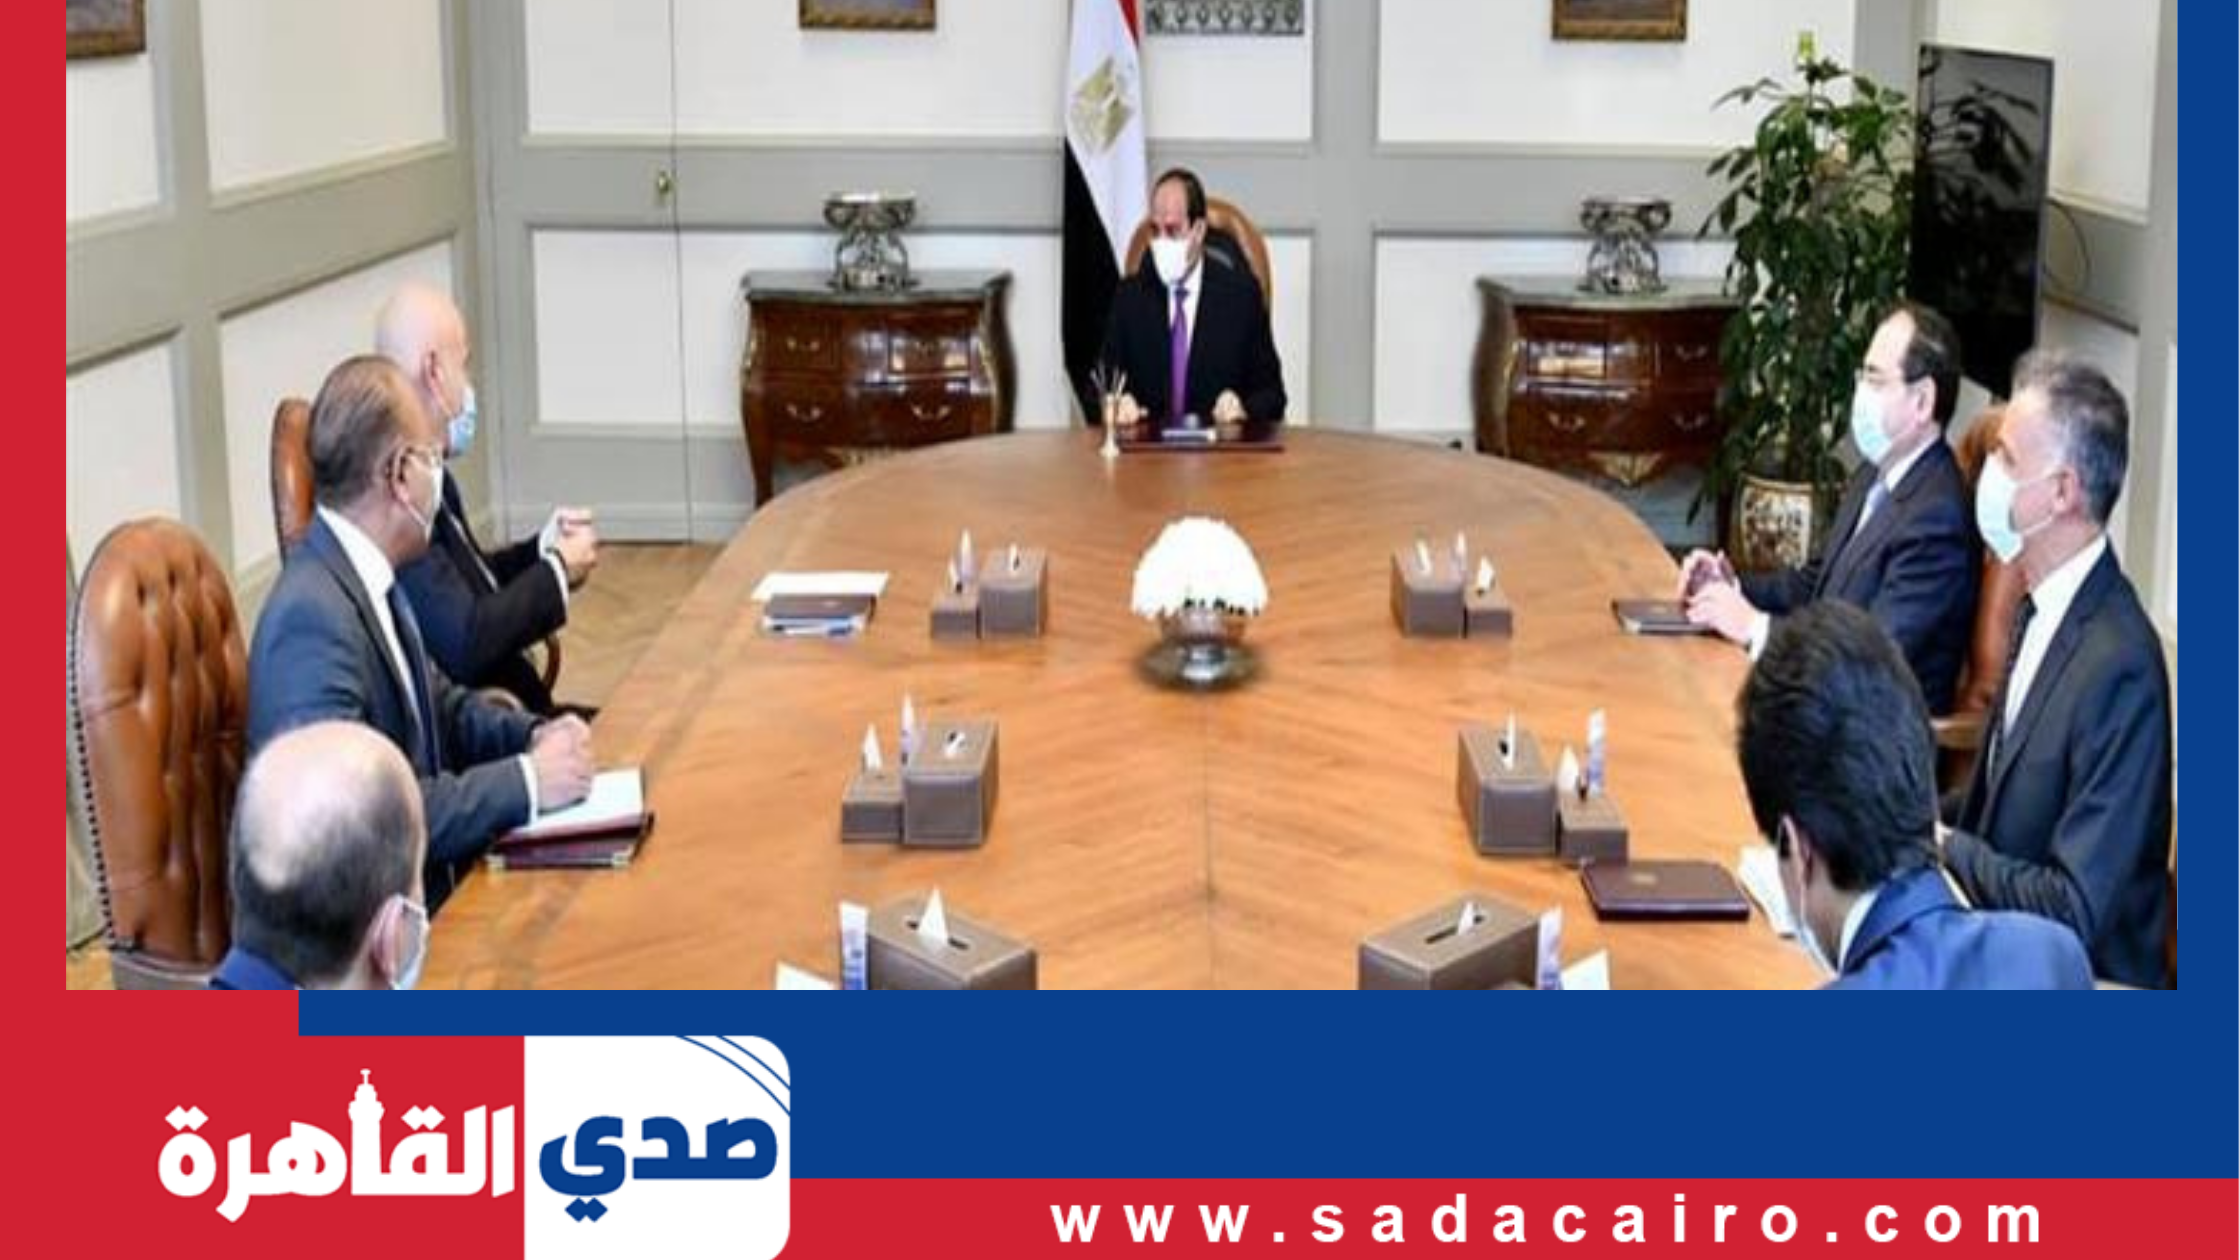 رئيس الجمهورية يستقبل وزراء ومسؤولي الإعلام العرب